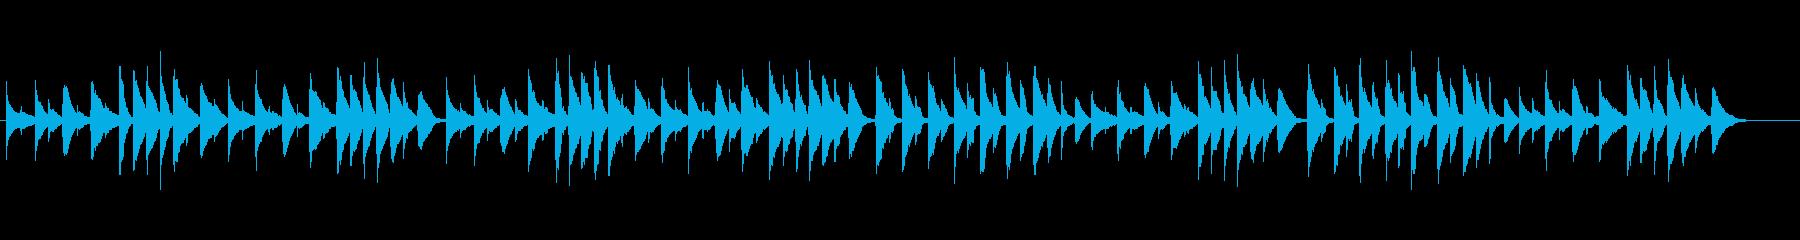 やさしいピアノ、チェルニーNo.1の再生済みの波形